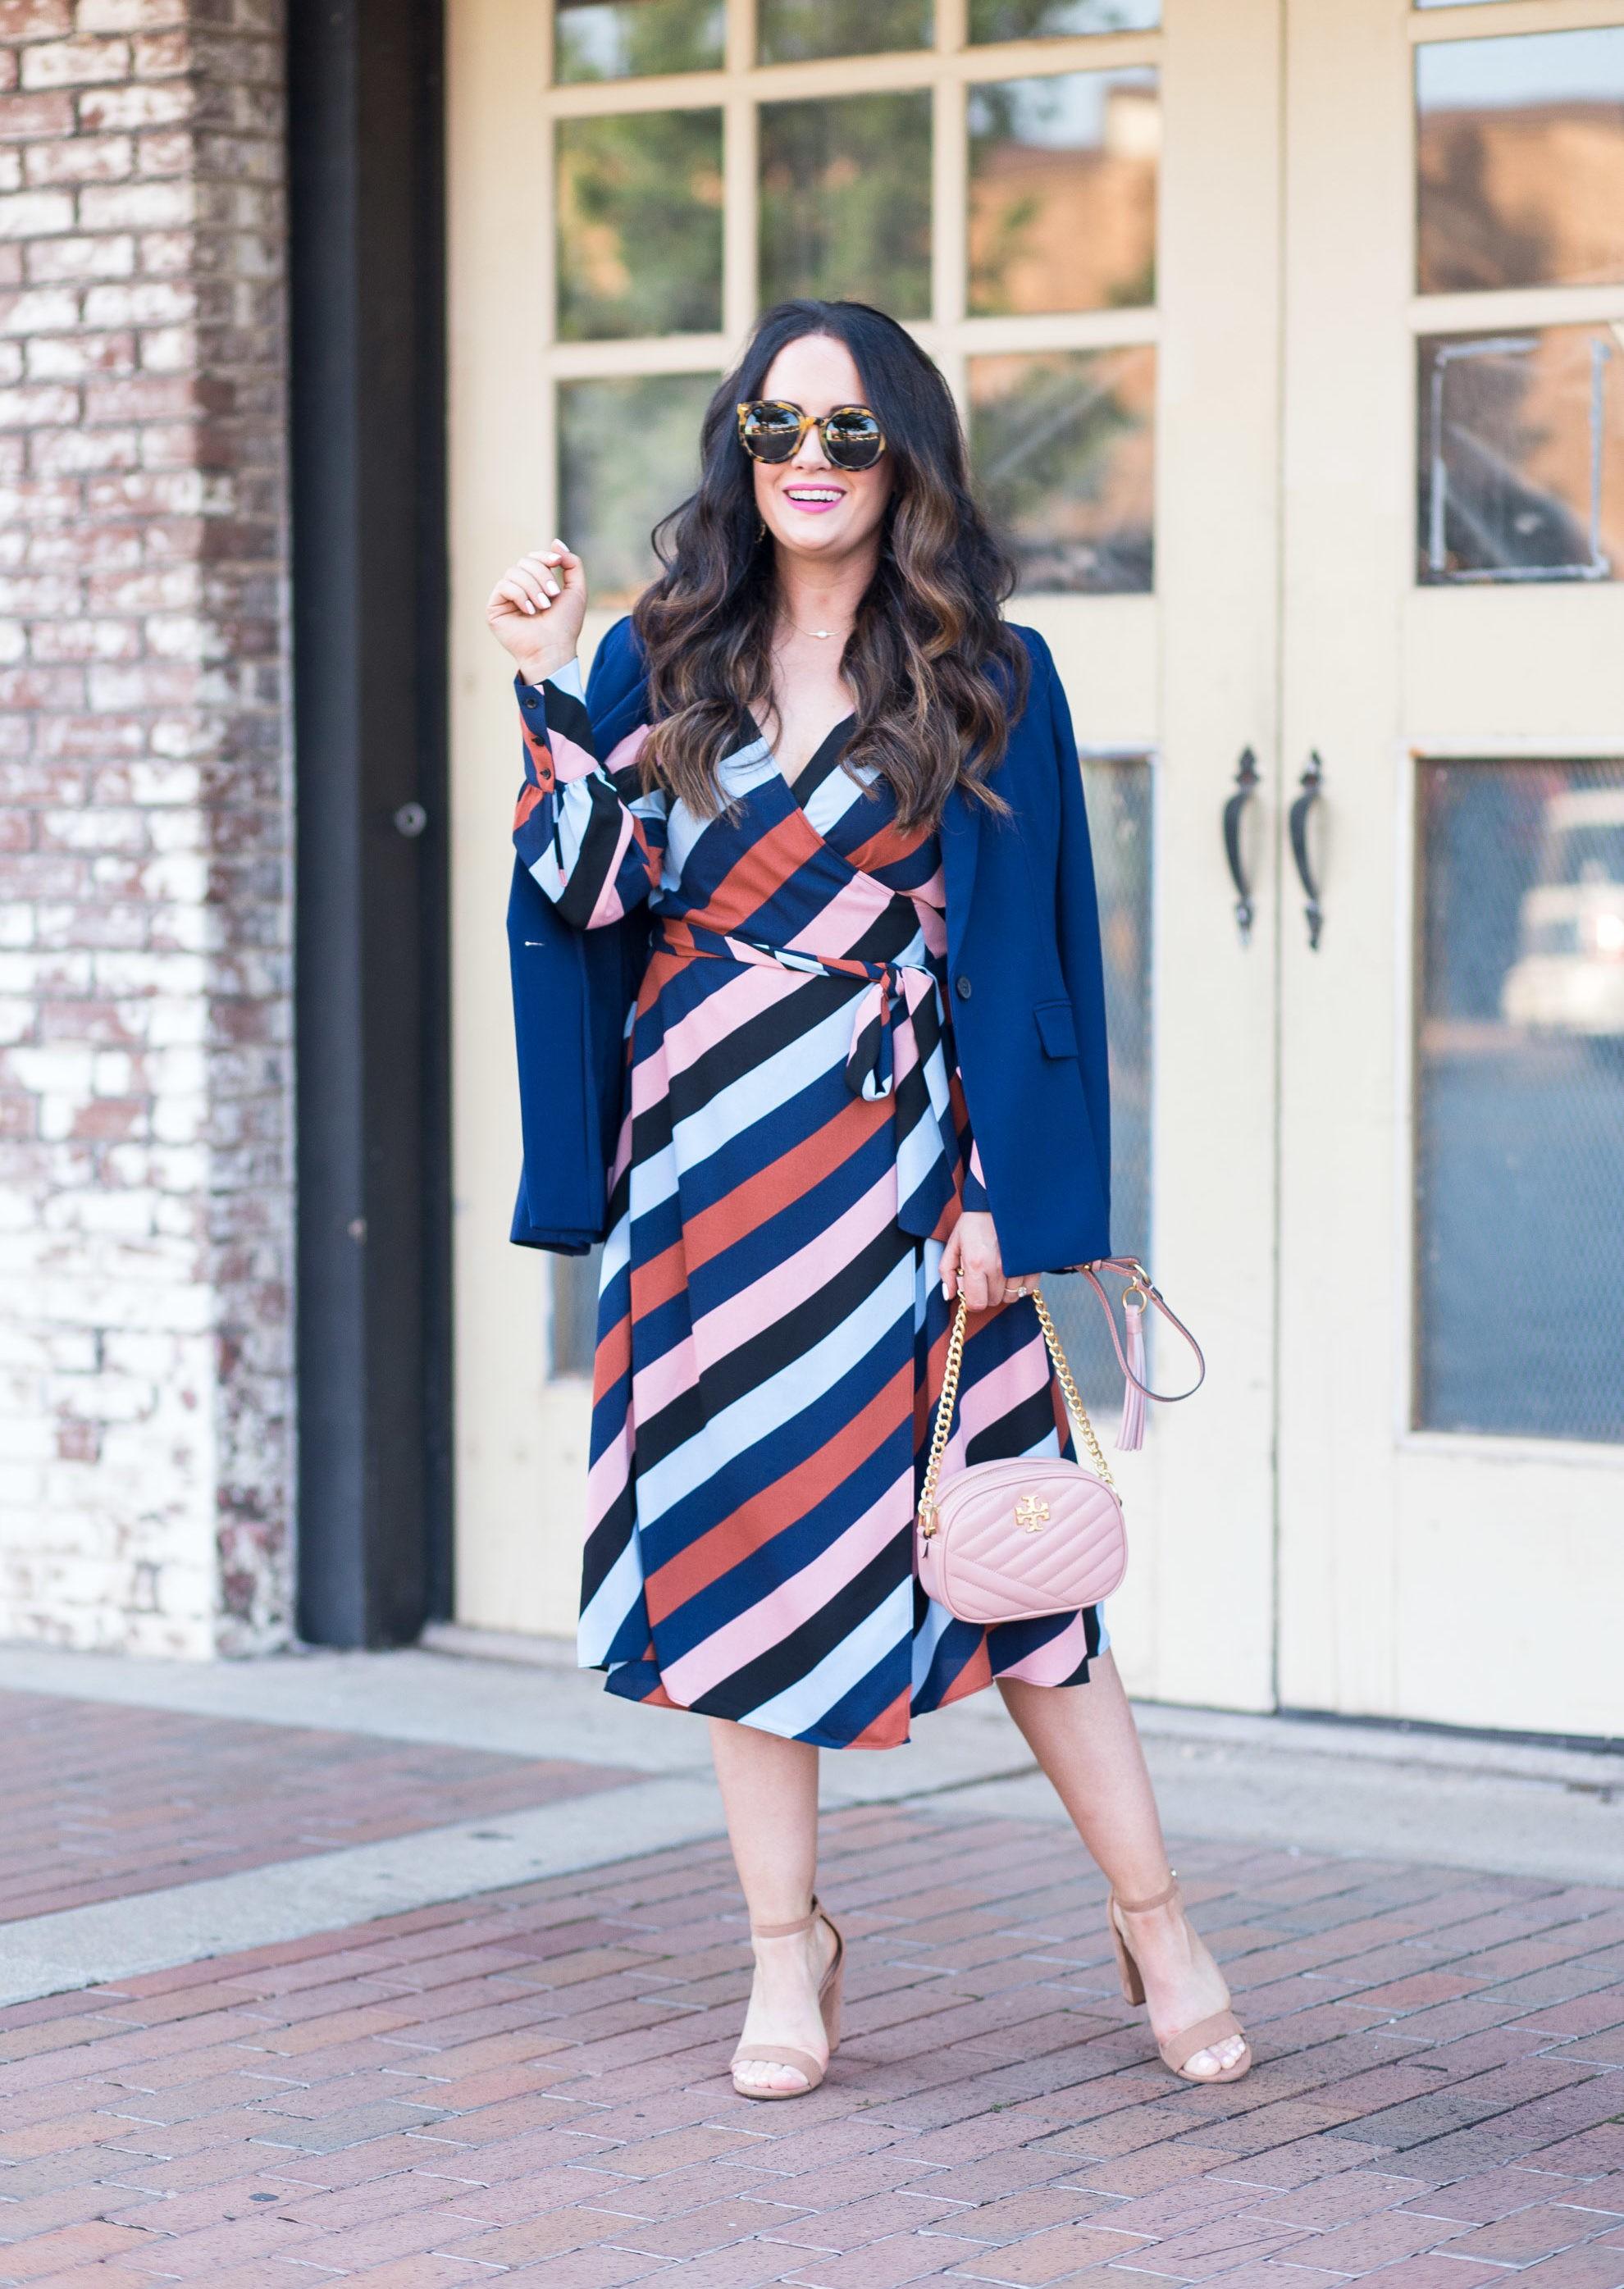 طرق ارتداء البليزر الملون لمظهر عملي - البليزر الملون مع الفستان